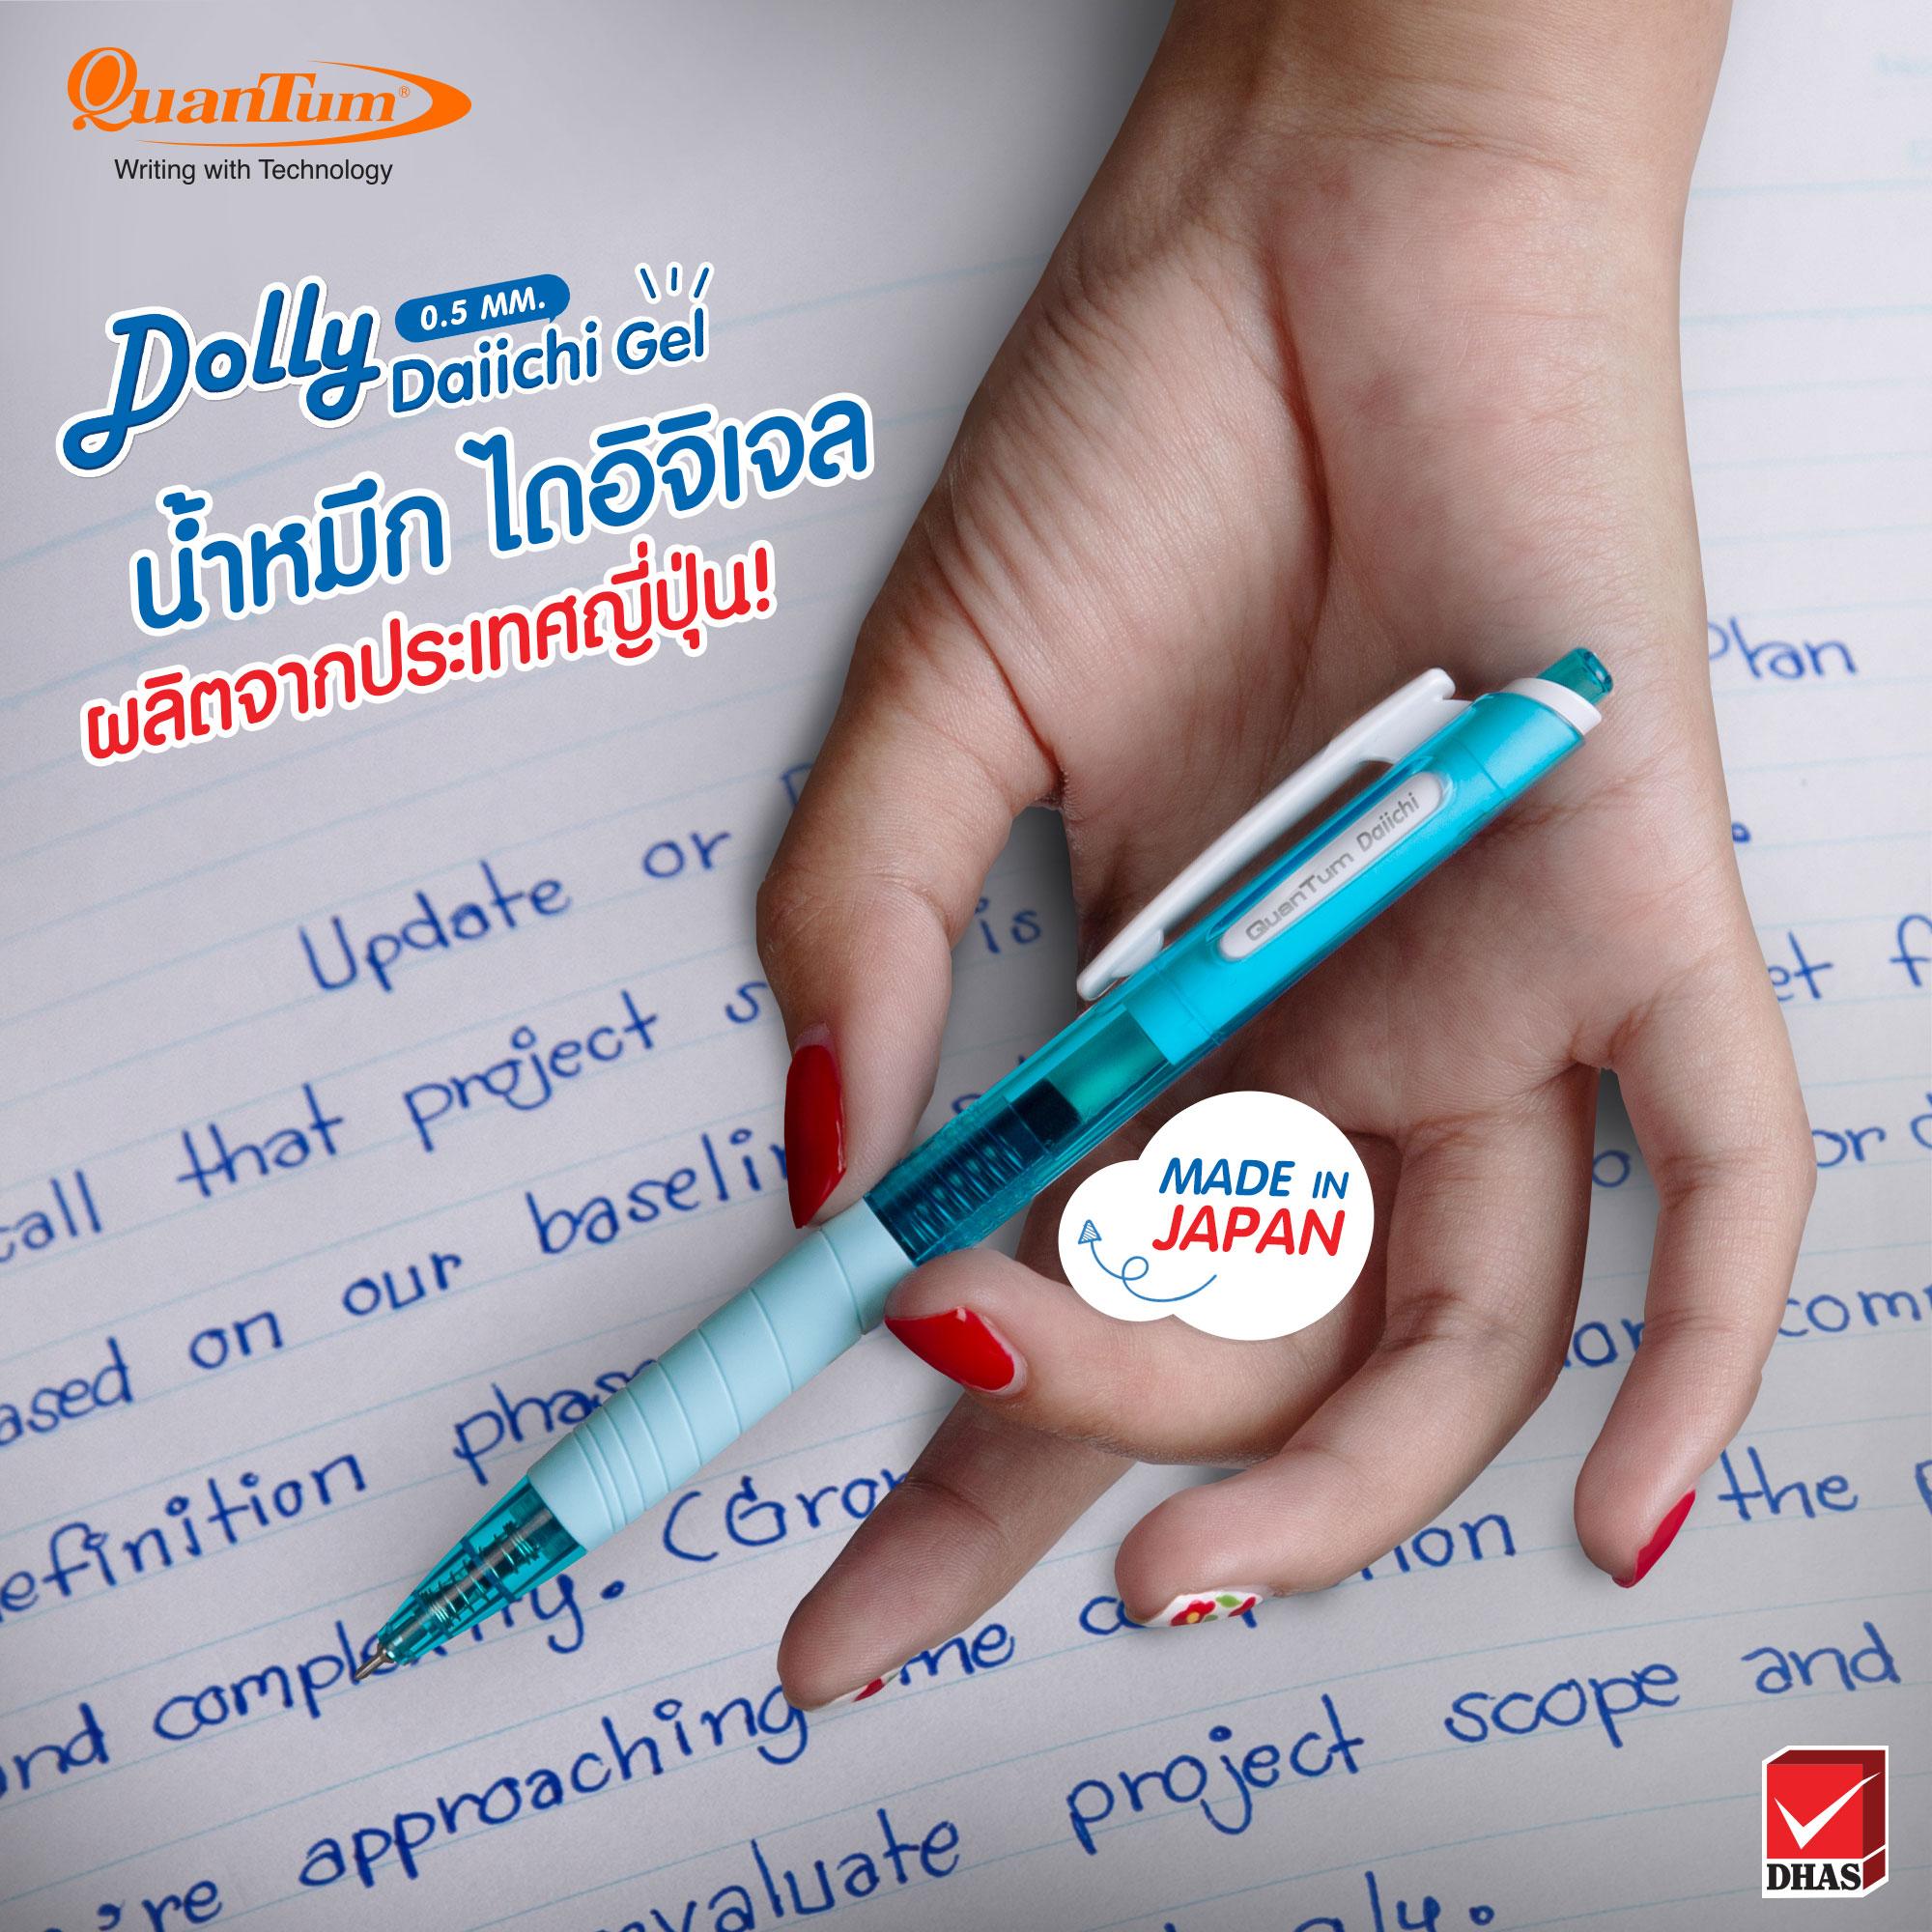 Quantum-Dolly-Daiichi-Gel-Content-Post_01-1